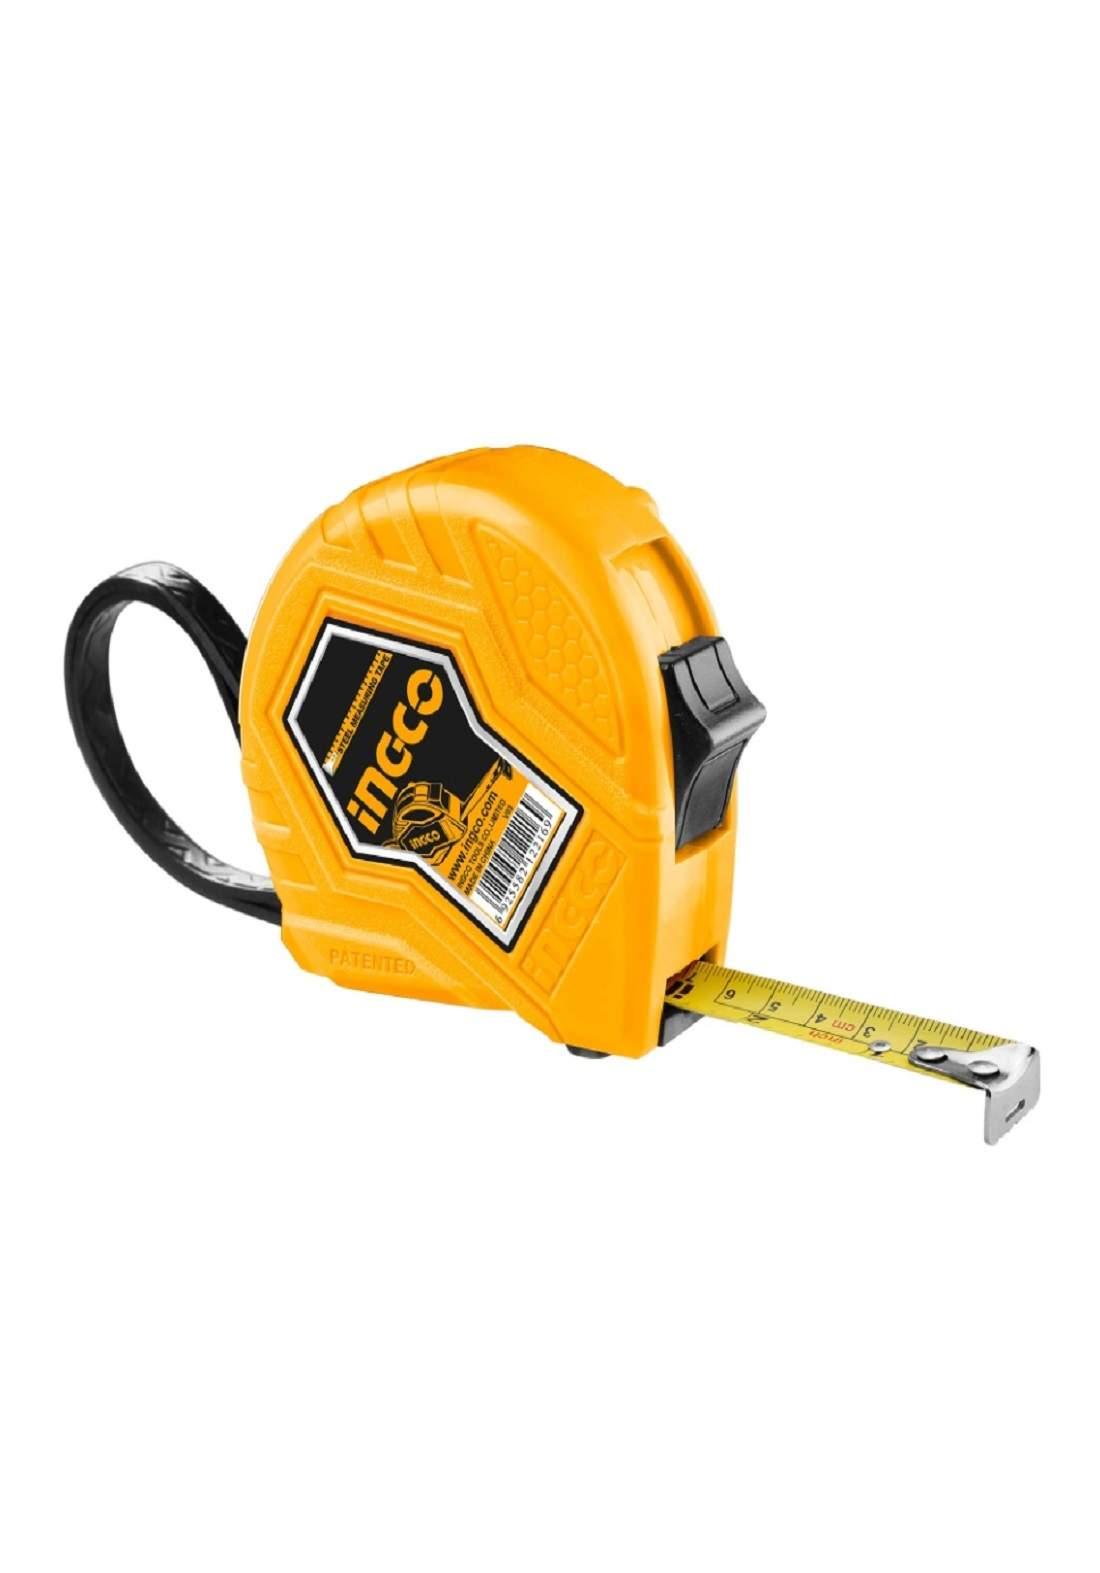 INGCO HSMT0833 Steel Measuring Tape 3mx16mm YELLOW IHT فيته (شريط قياس) 3م